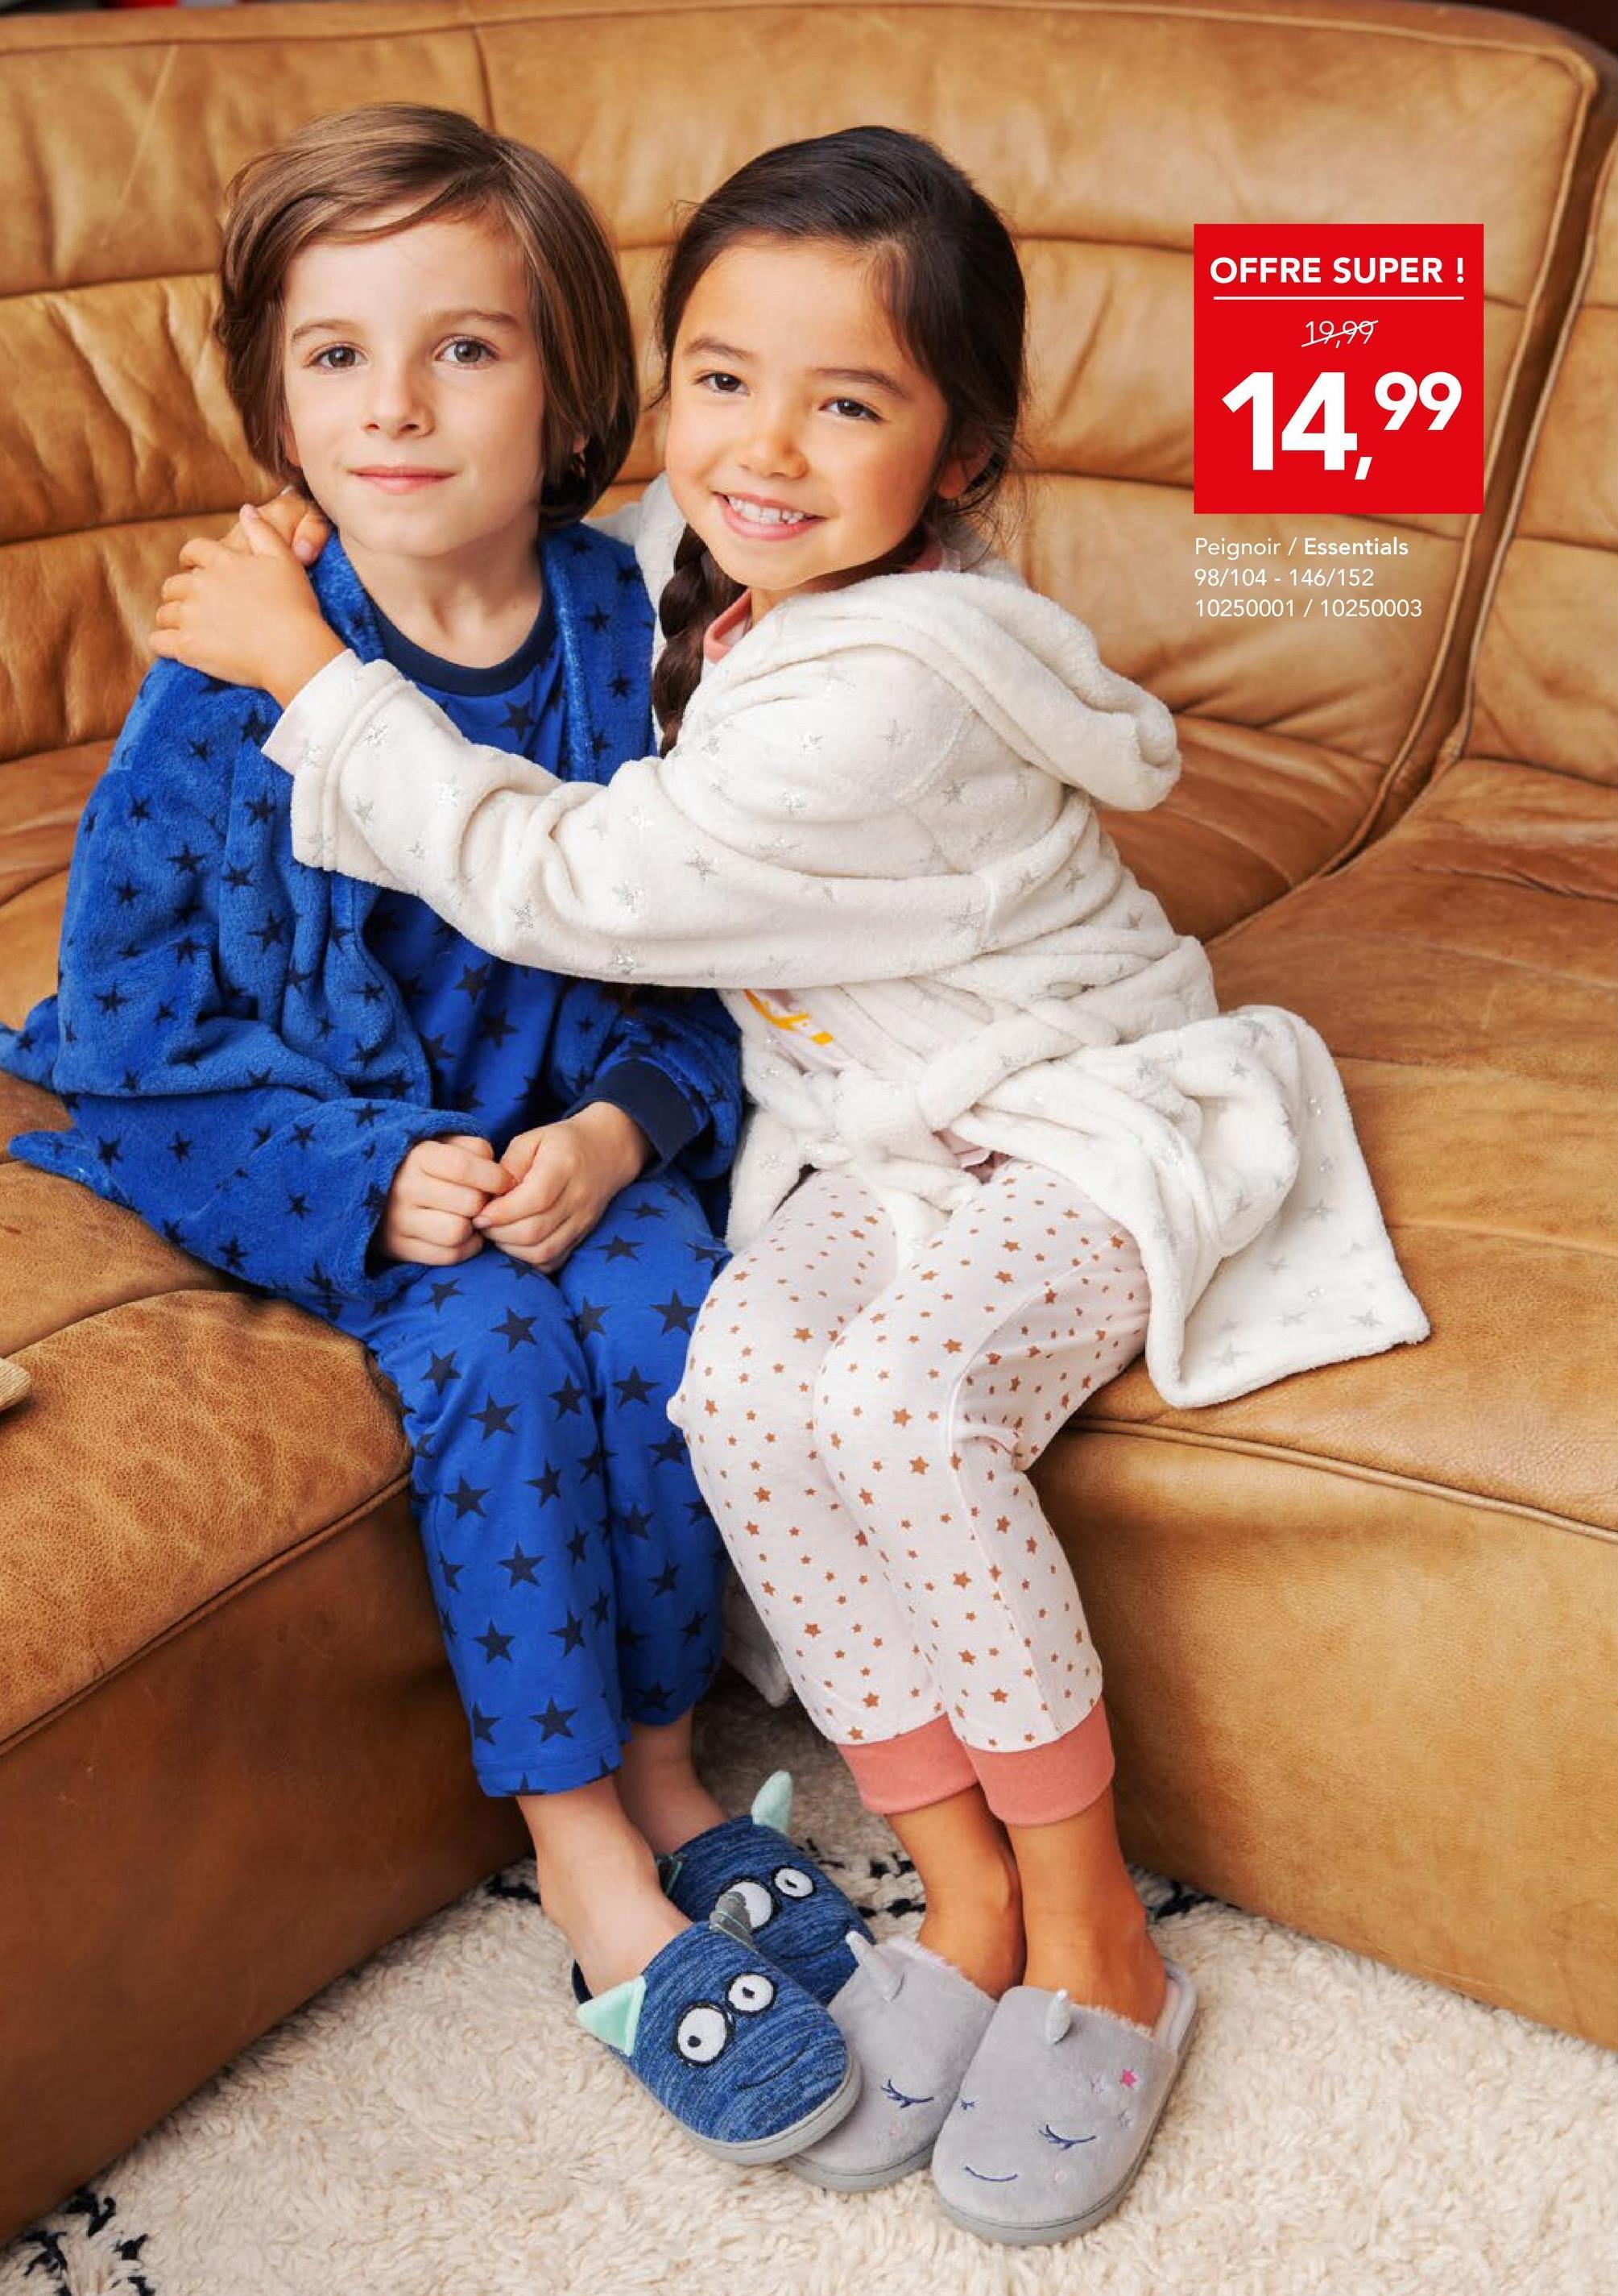 Peignoir Essentials - Blanc cassé Peignoir Essentials. Chez Bristol, vous achetez de la mode à bon prix pour toute la famille ! Vêtements, chaussures, accessoires et articles de sport.